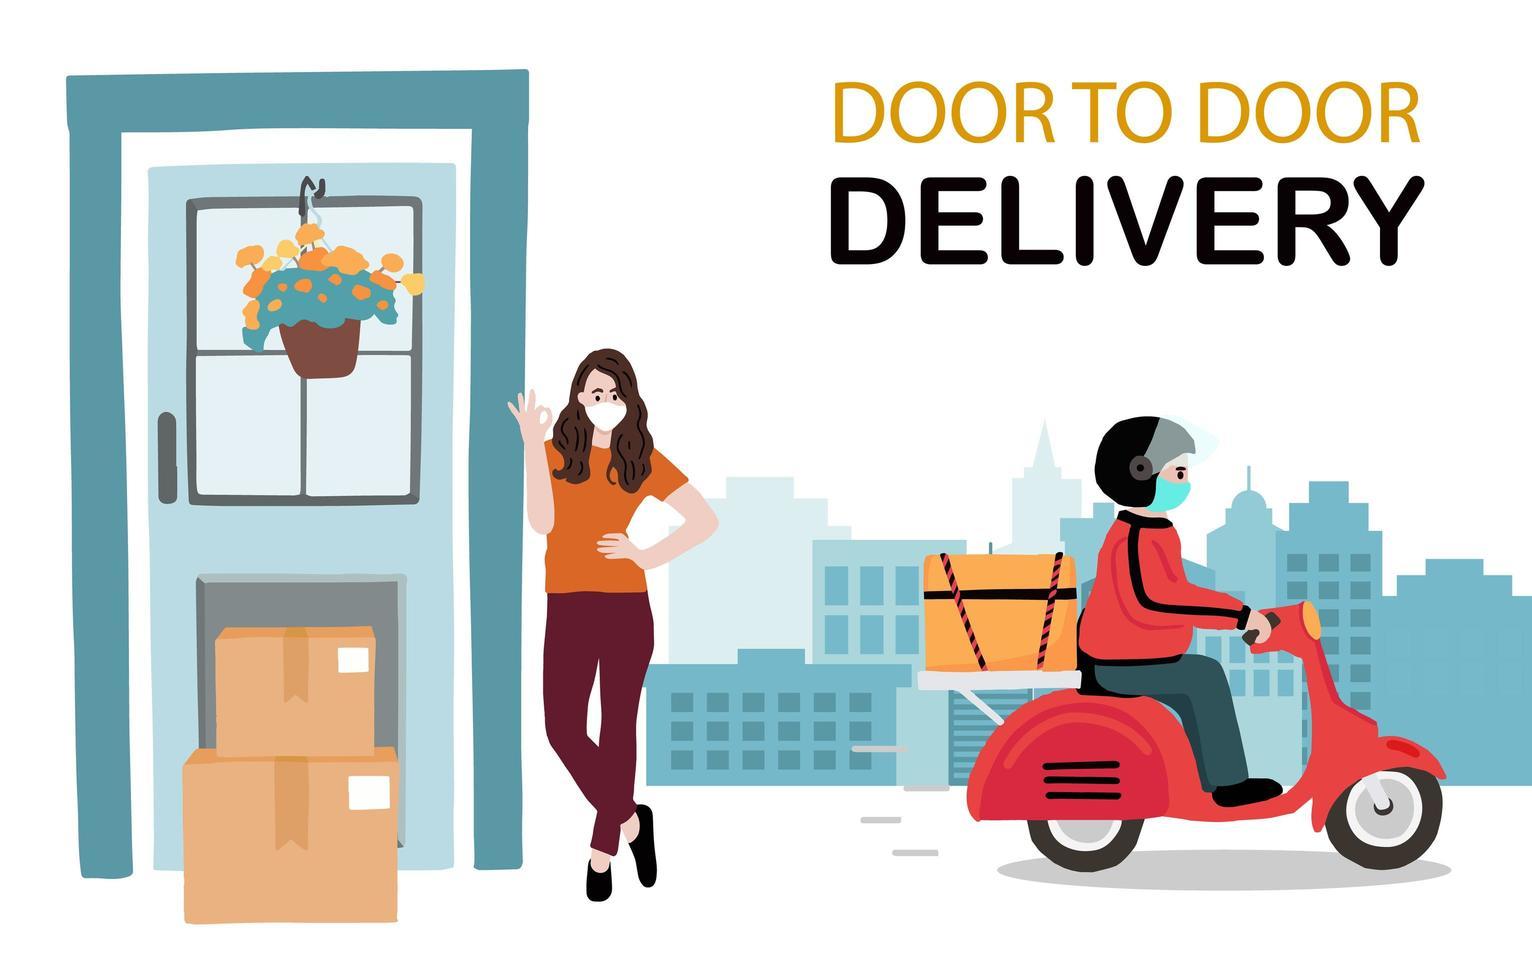 kontaktlös design från dörr till dörr vektor